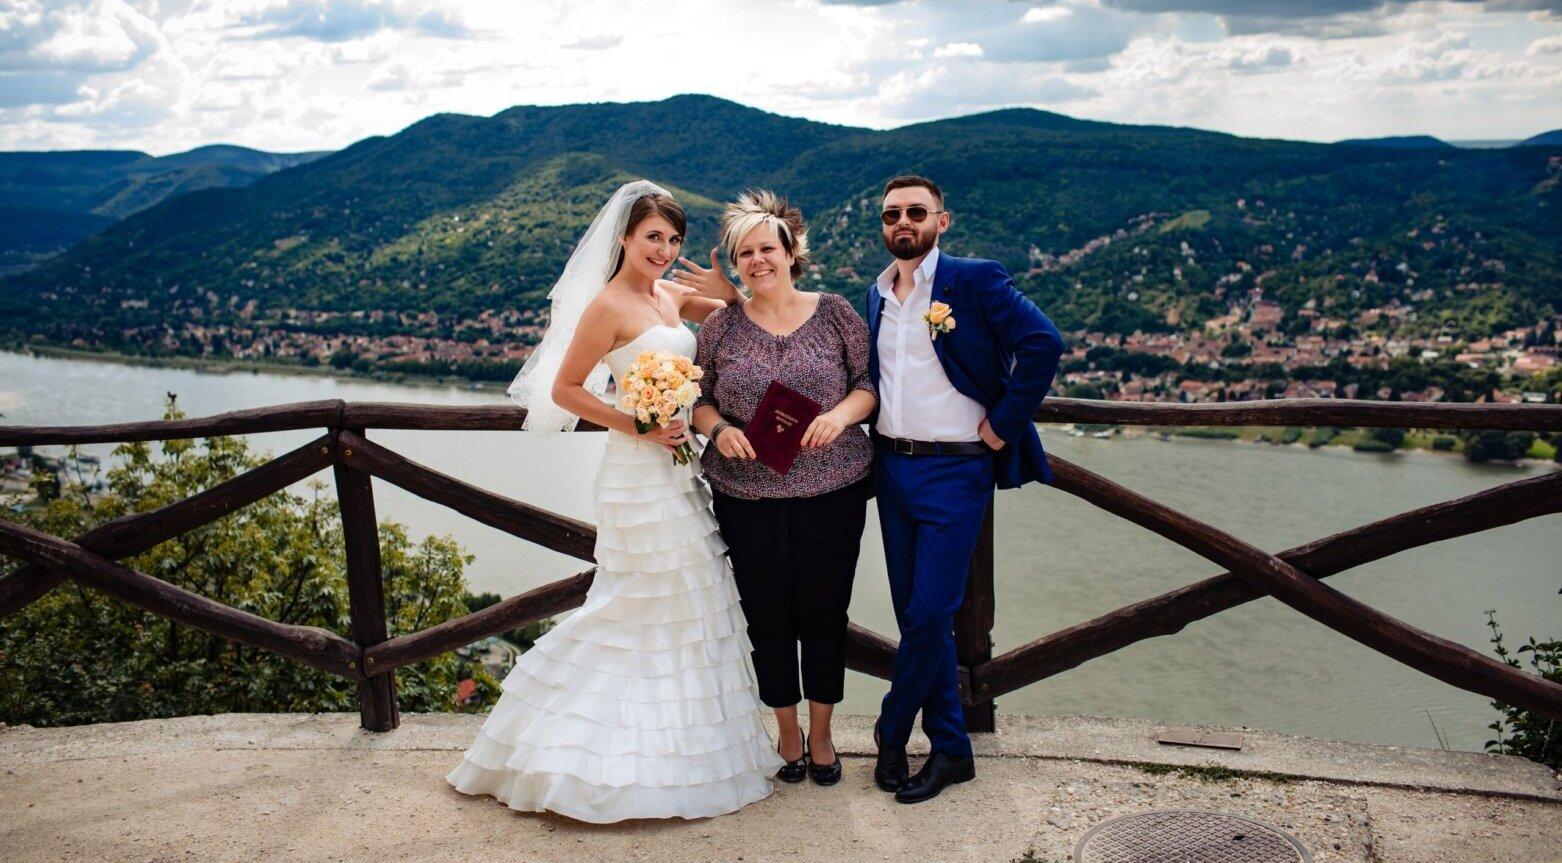 Helyszíni rendezvényszervező kontra hivatásos esküvőszervező